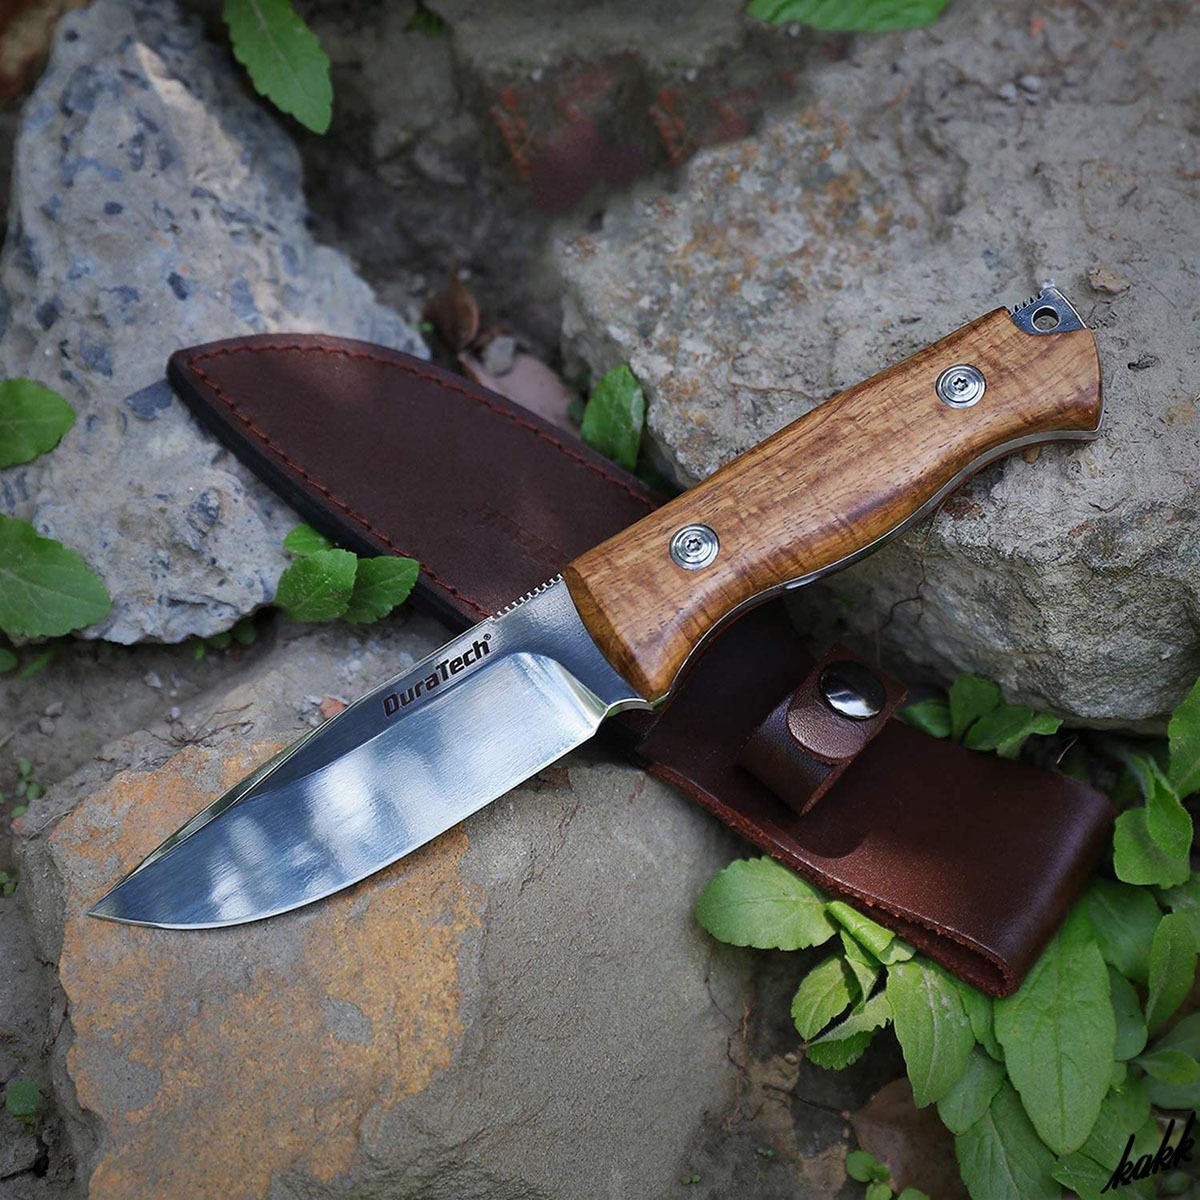 【鏡面仕上げシースナイフ】 狩猟刀 フルタング構造 ウッドグリップ ステンレススチール ウッドハンドル キャンプ サバイバル